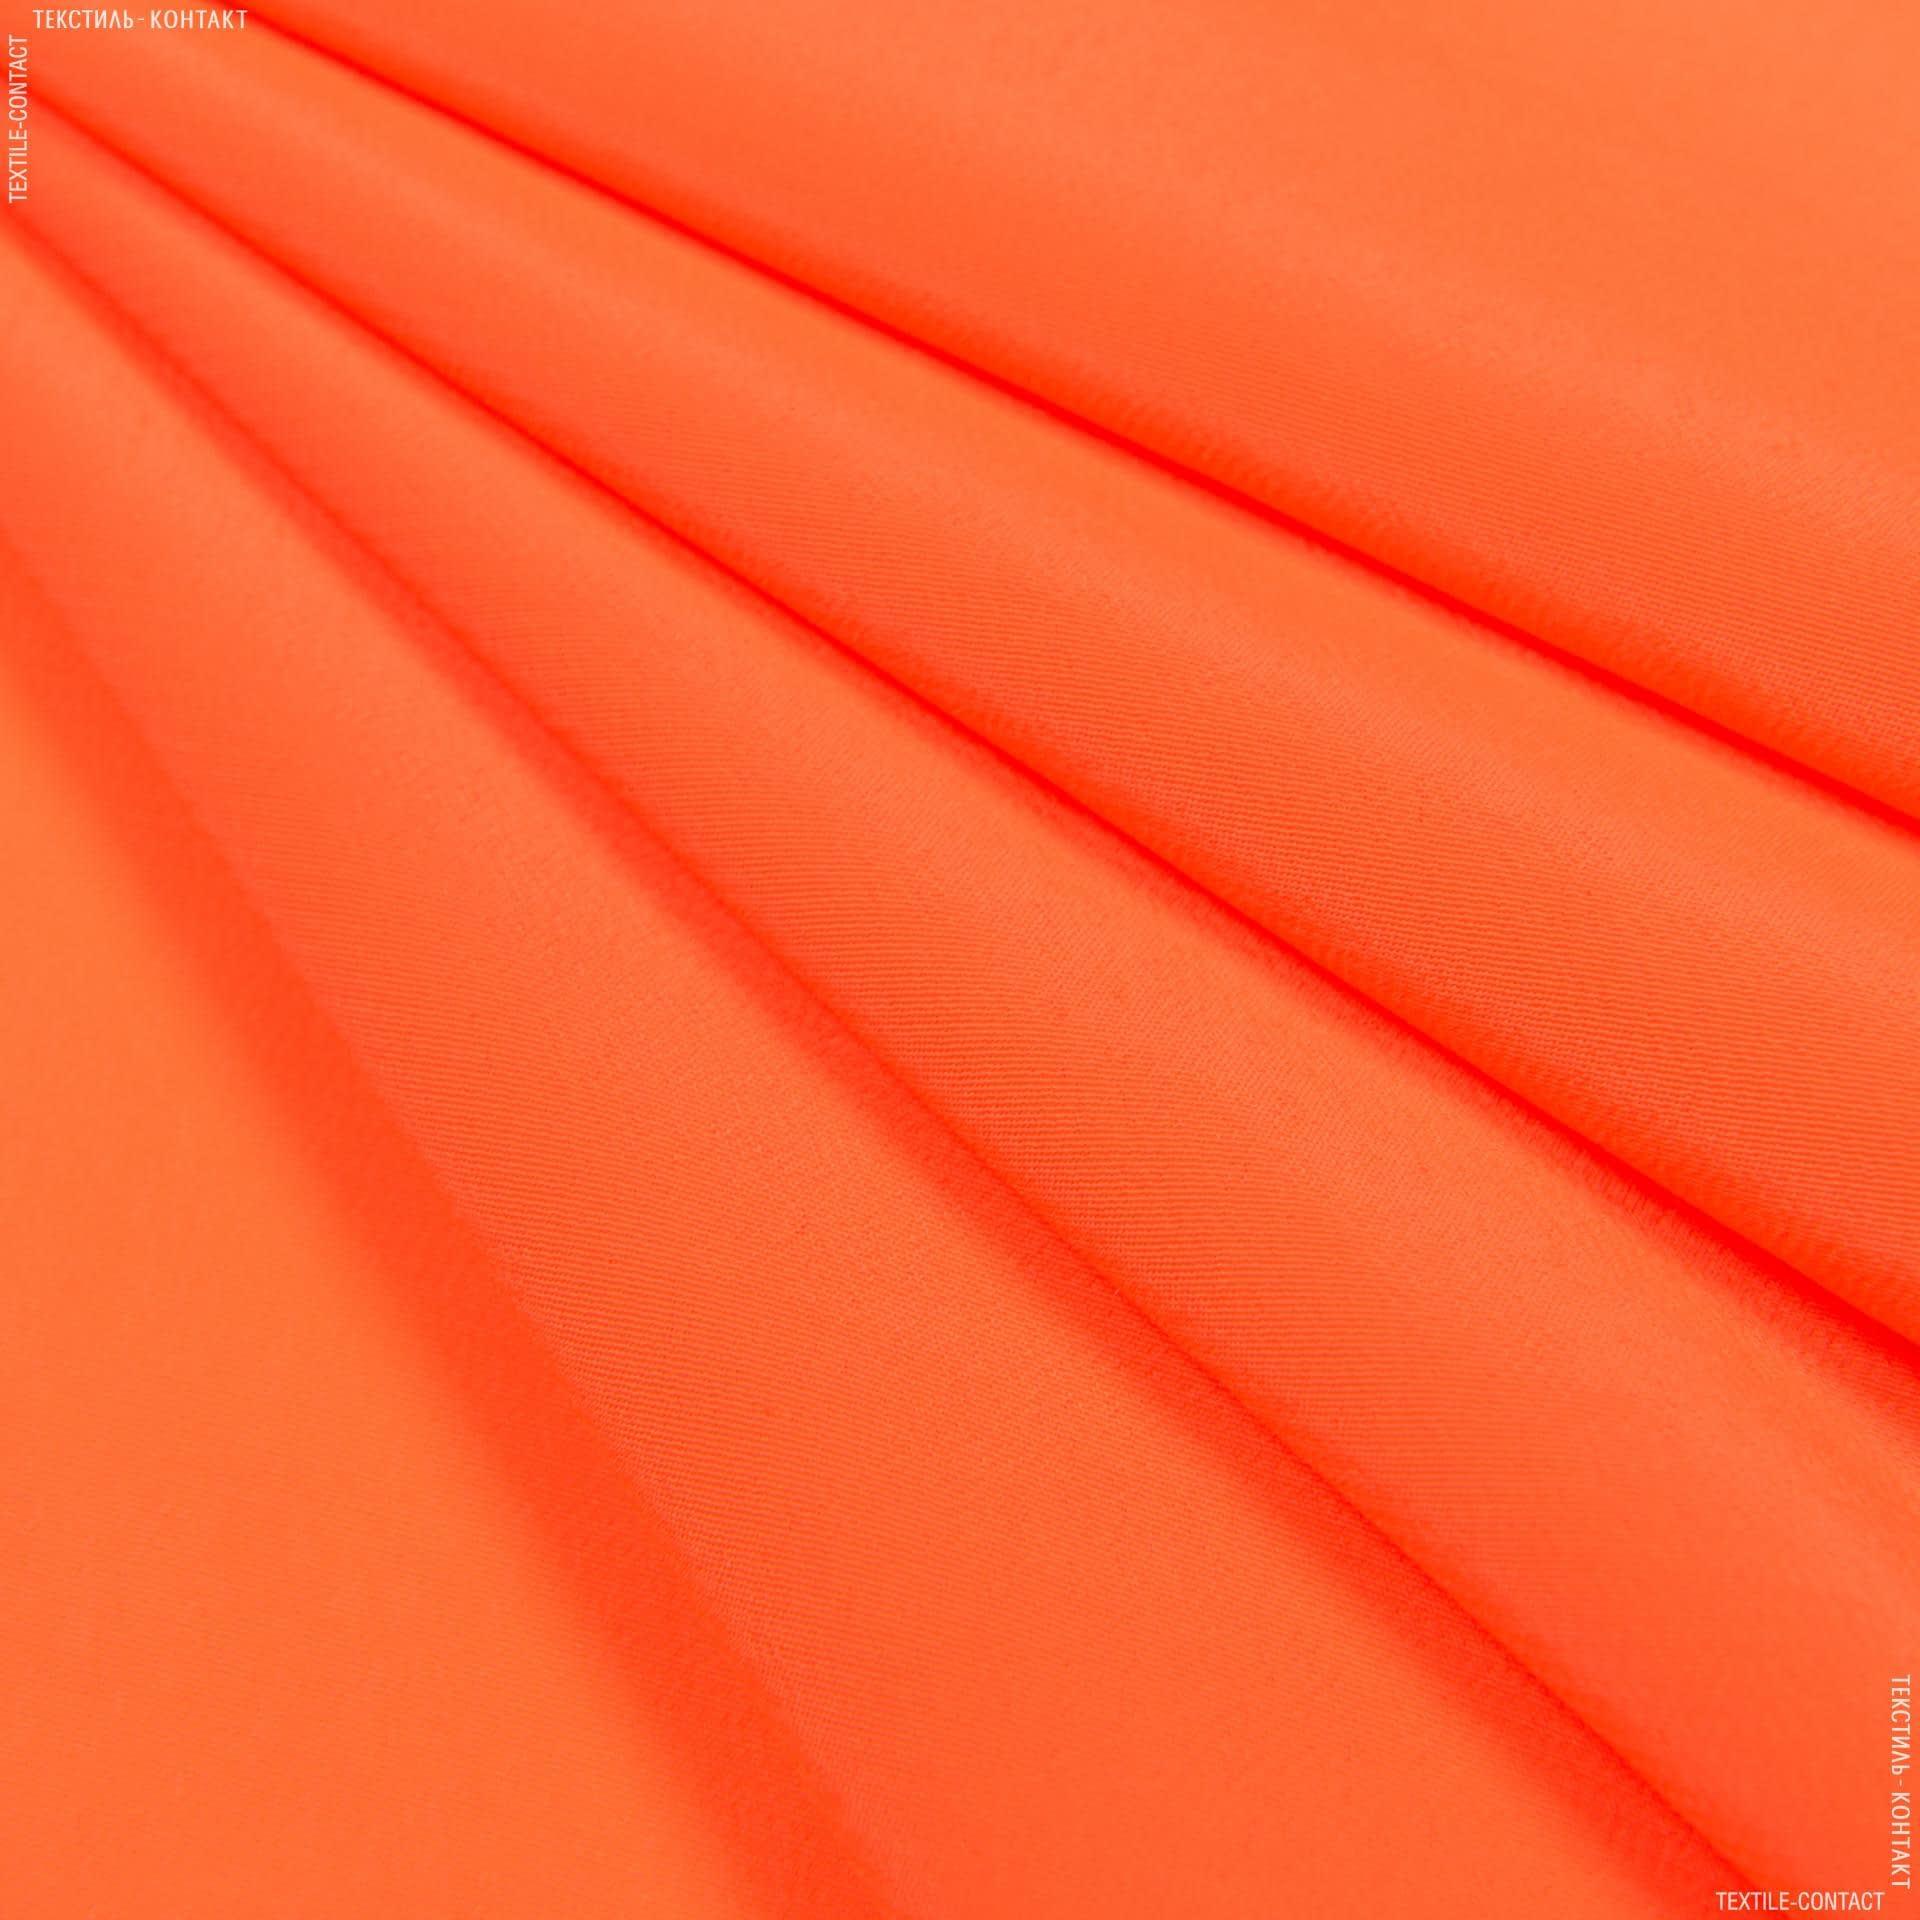 Тканини для хусток та бандан - Креп кошибо яскраво-помаранчевий